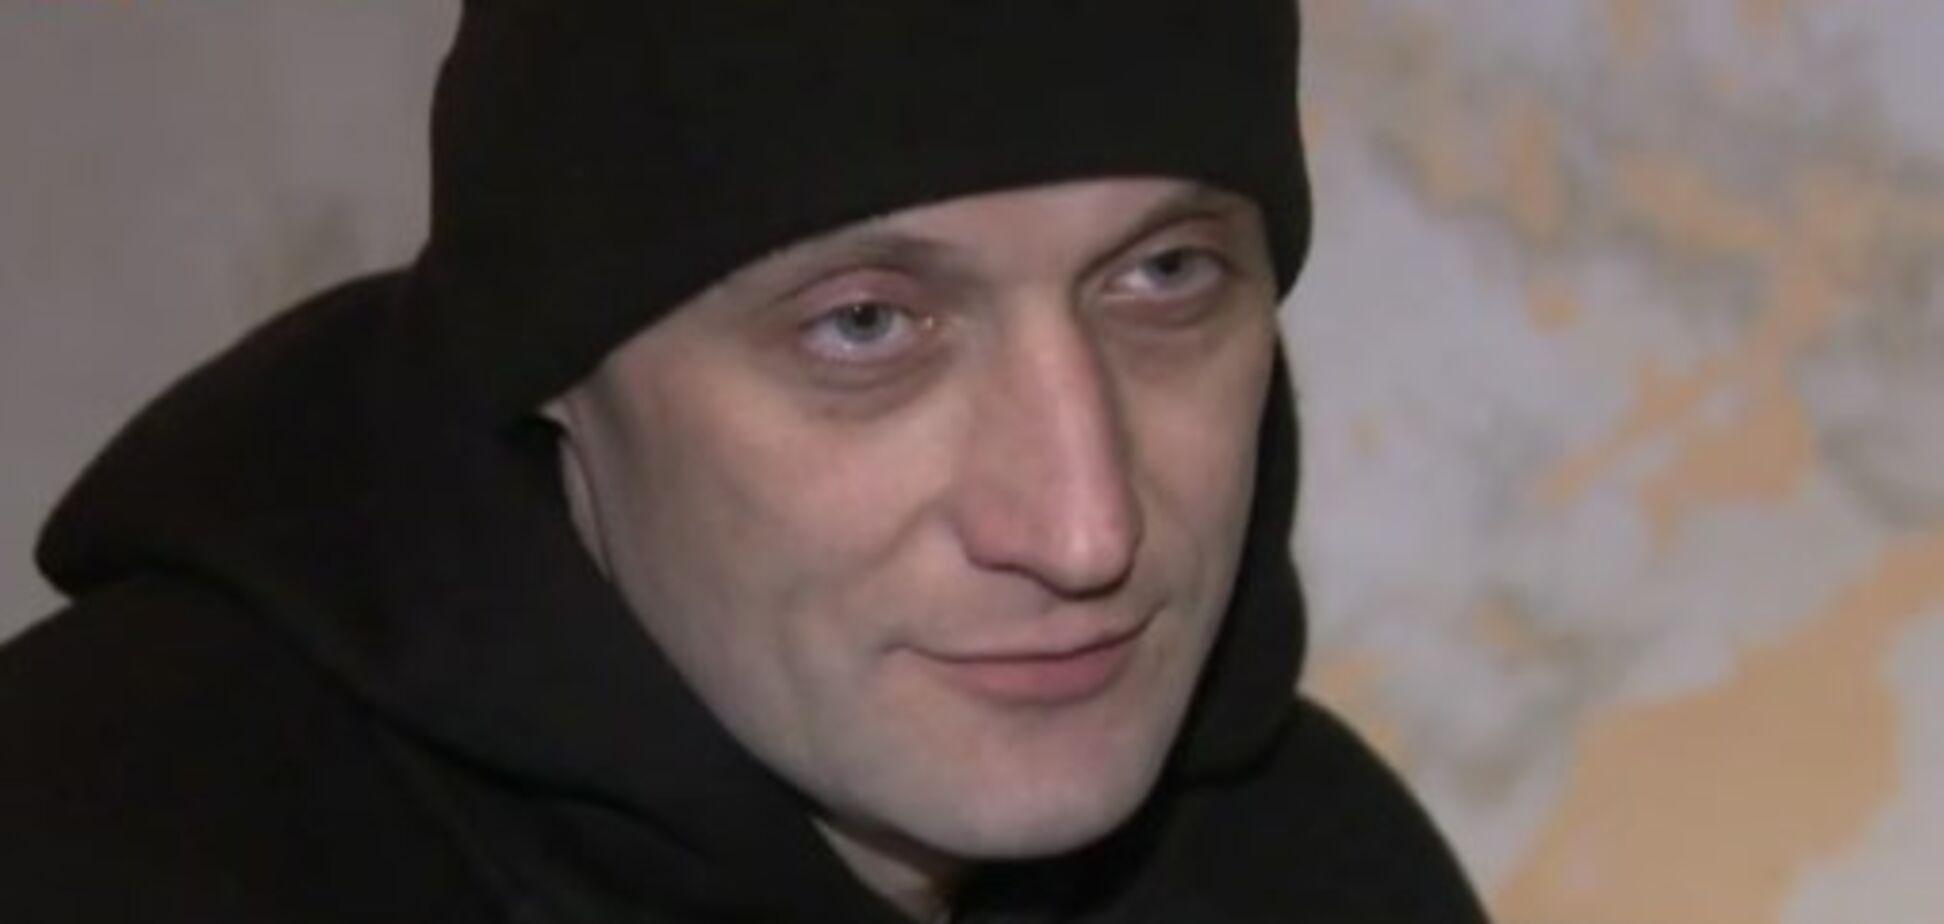 От создателя 'распятого мальчика': КремльТВ запустил новый фейк об Украине